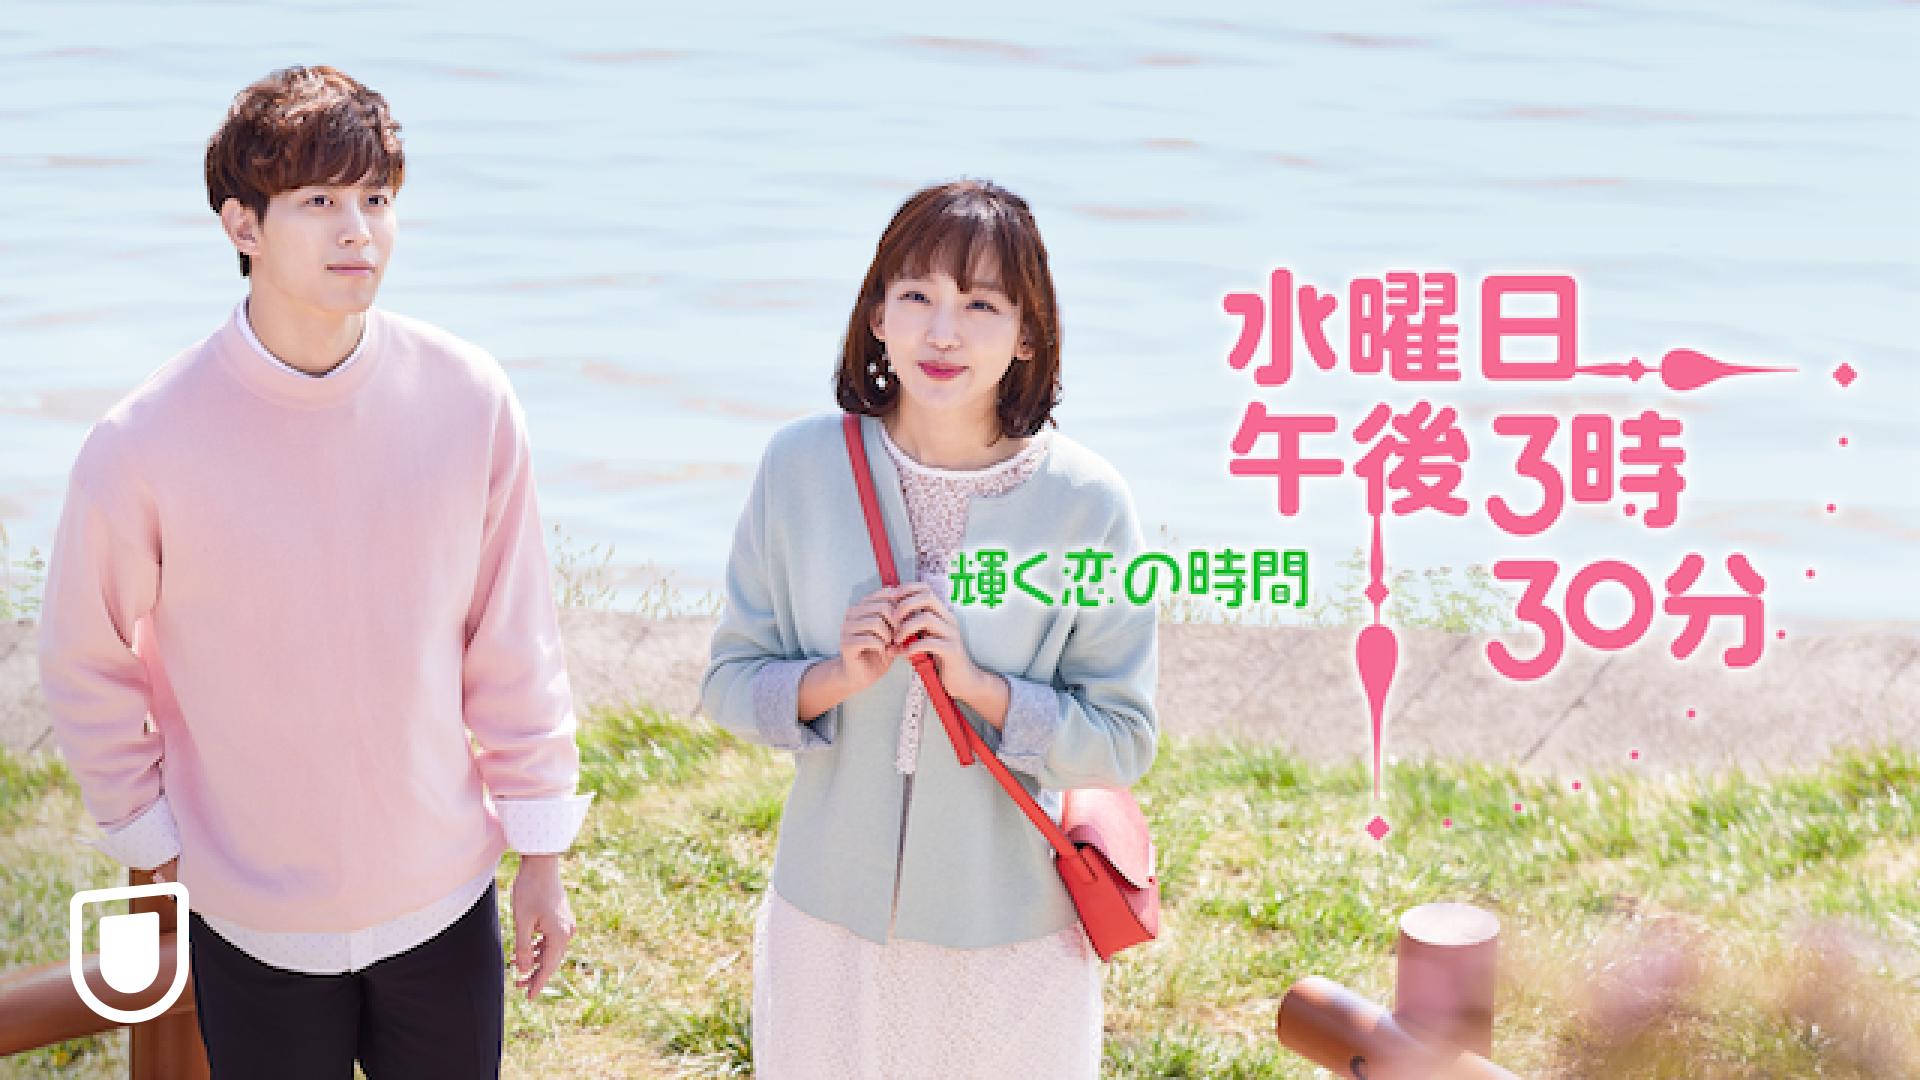 水曜日 午後3時30分 ~輝く恋の時間~をU-NEXTで今すぐみる!!